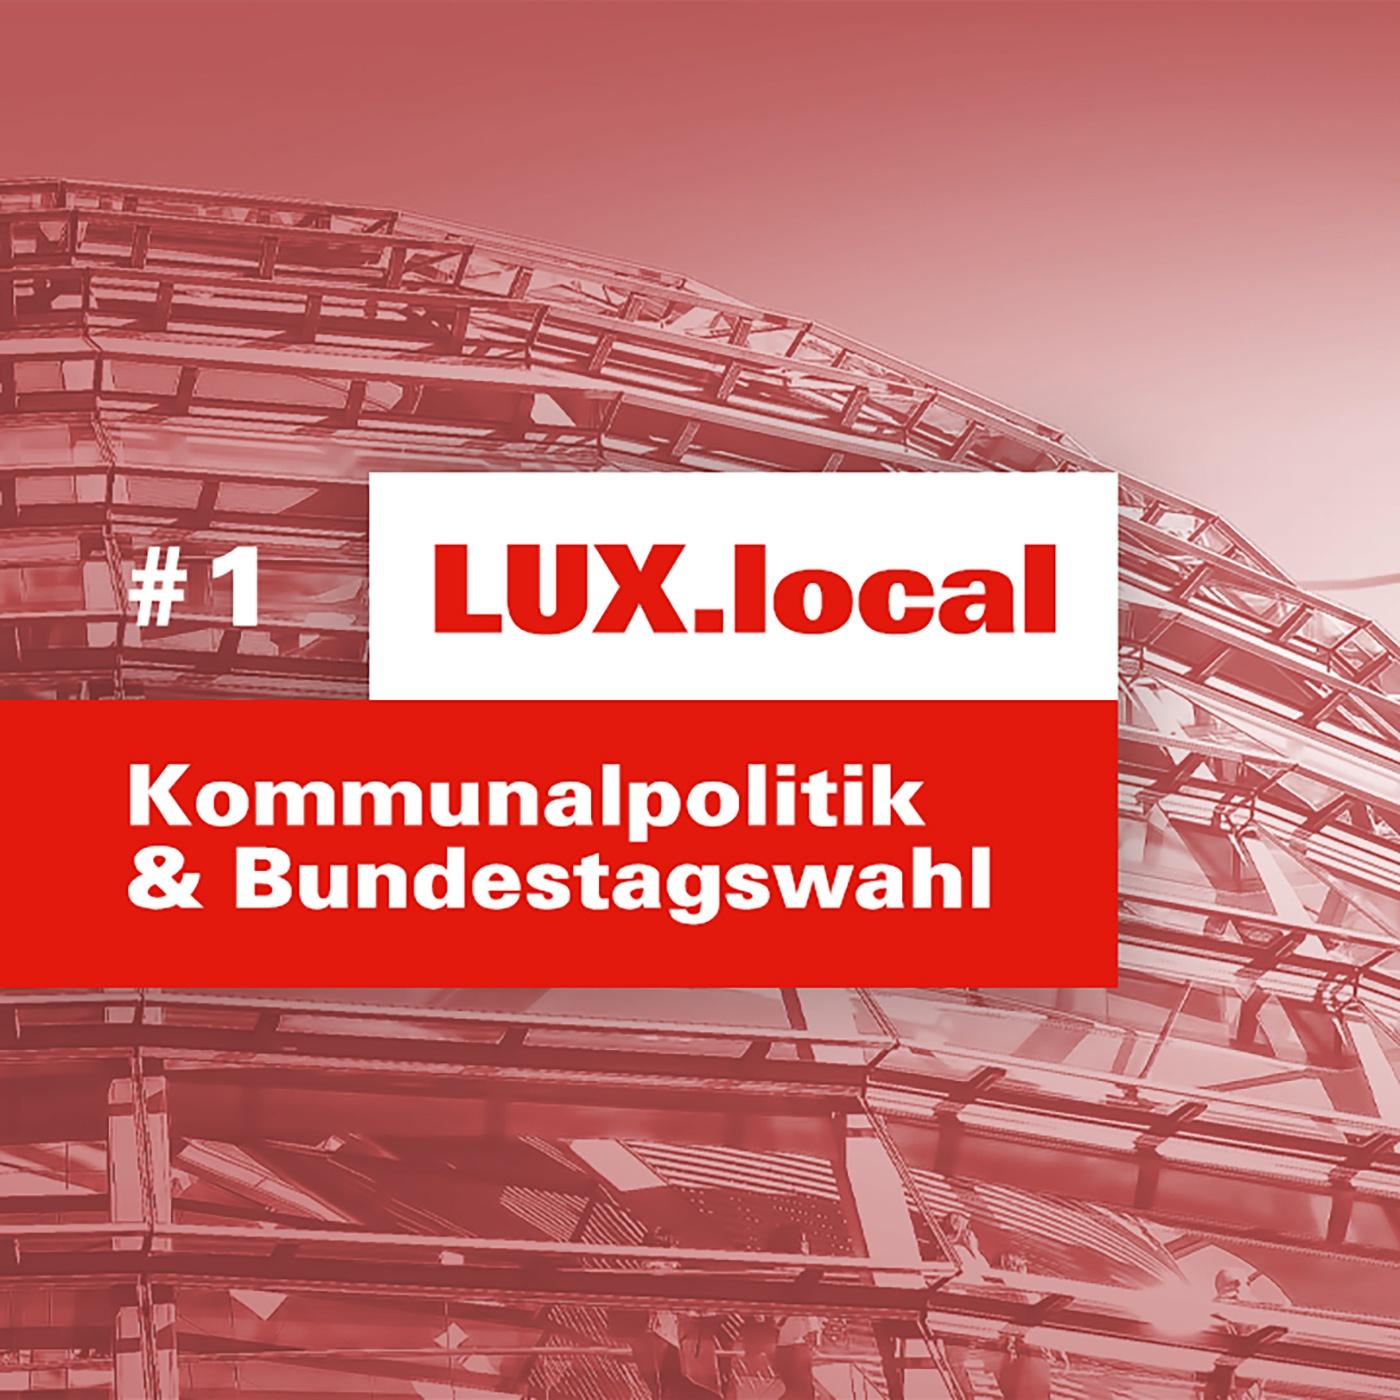 LUX.local #1: Kommunalpolitik und Bundestagswahl